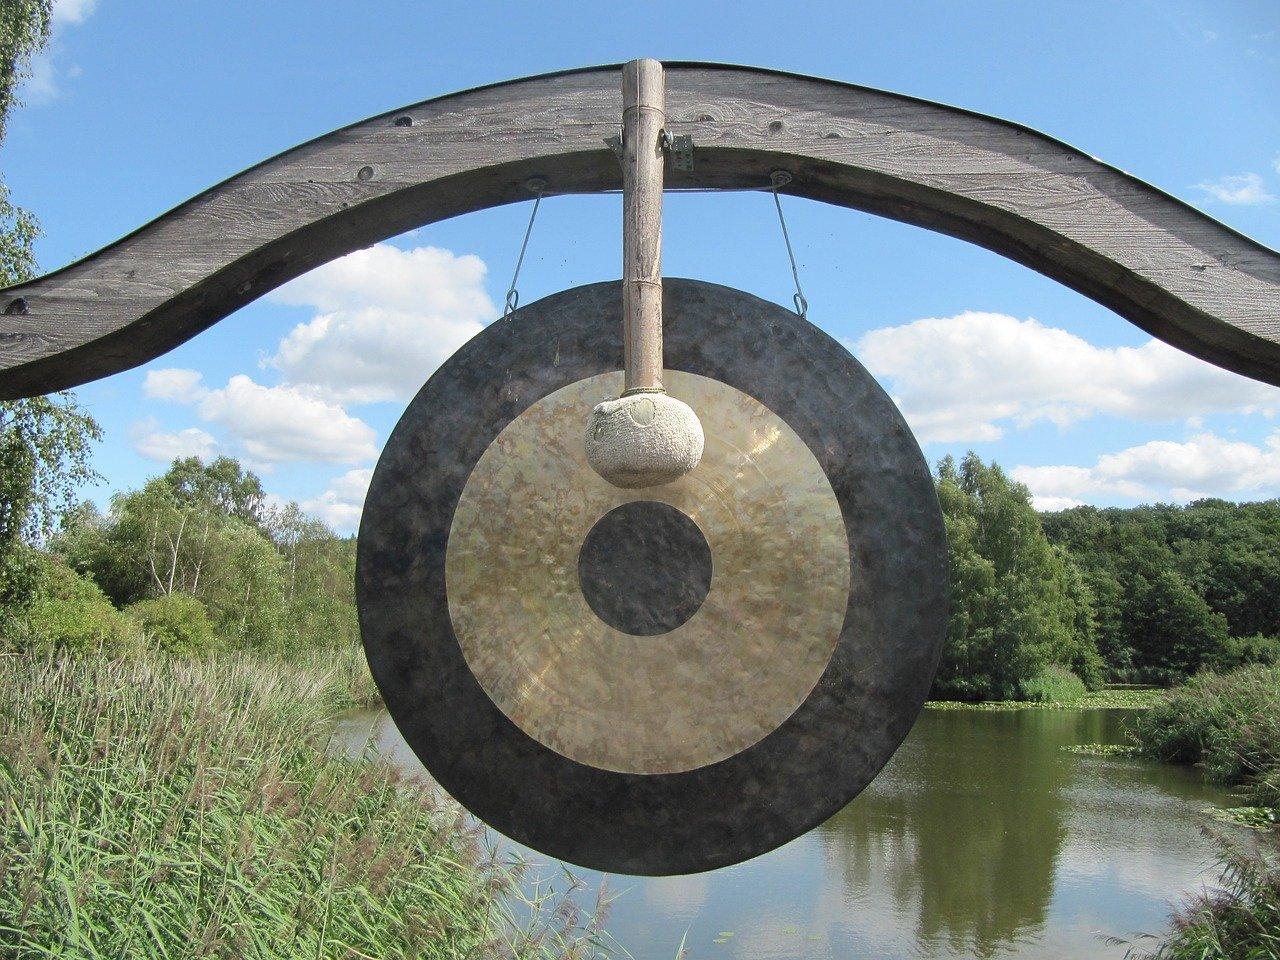 gong zvočna kopel